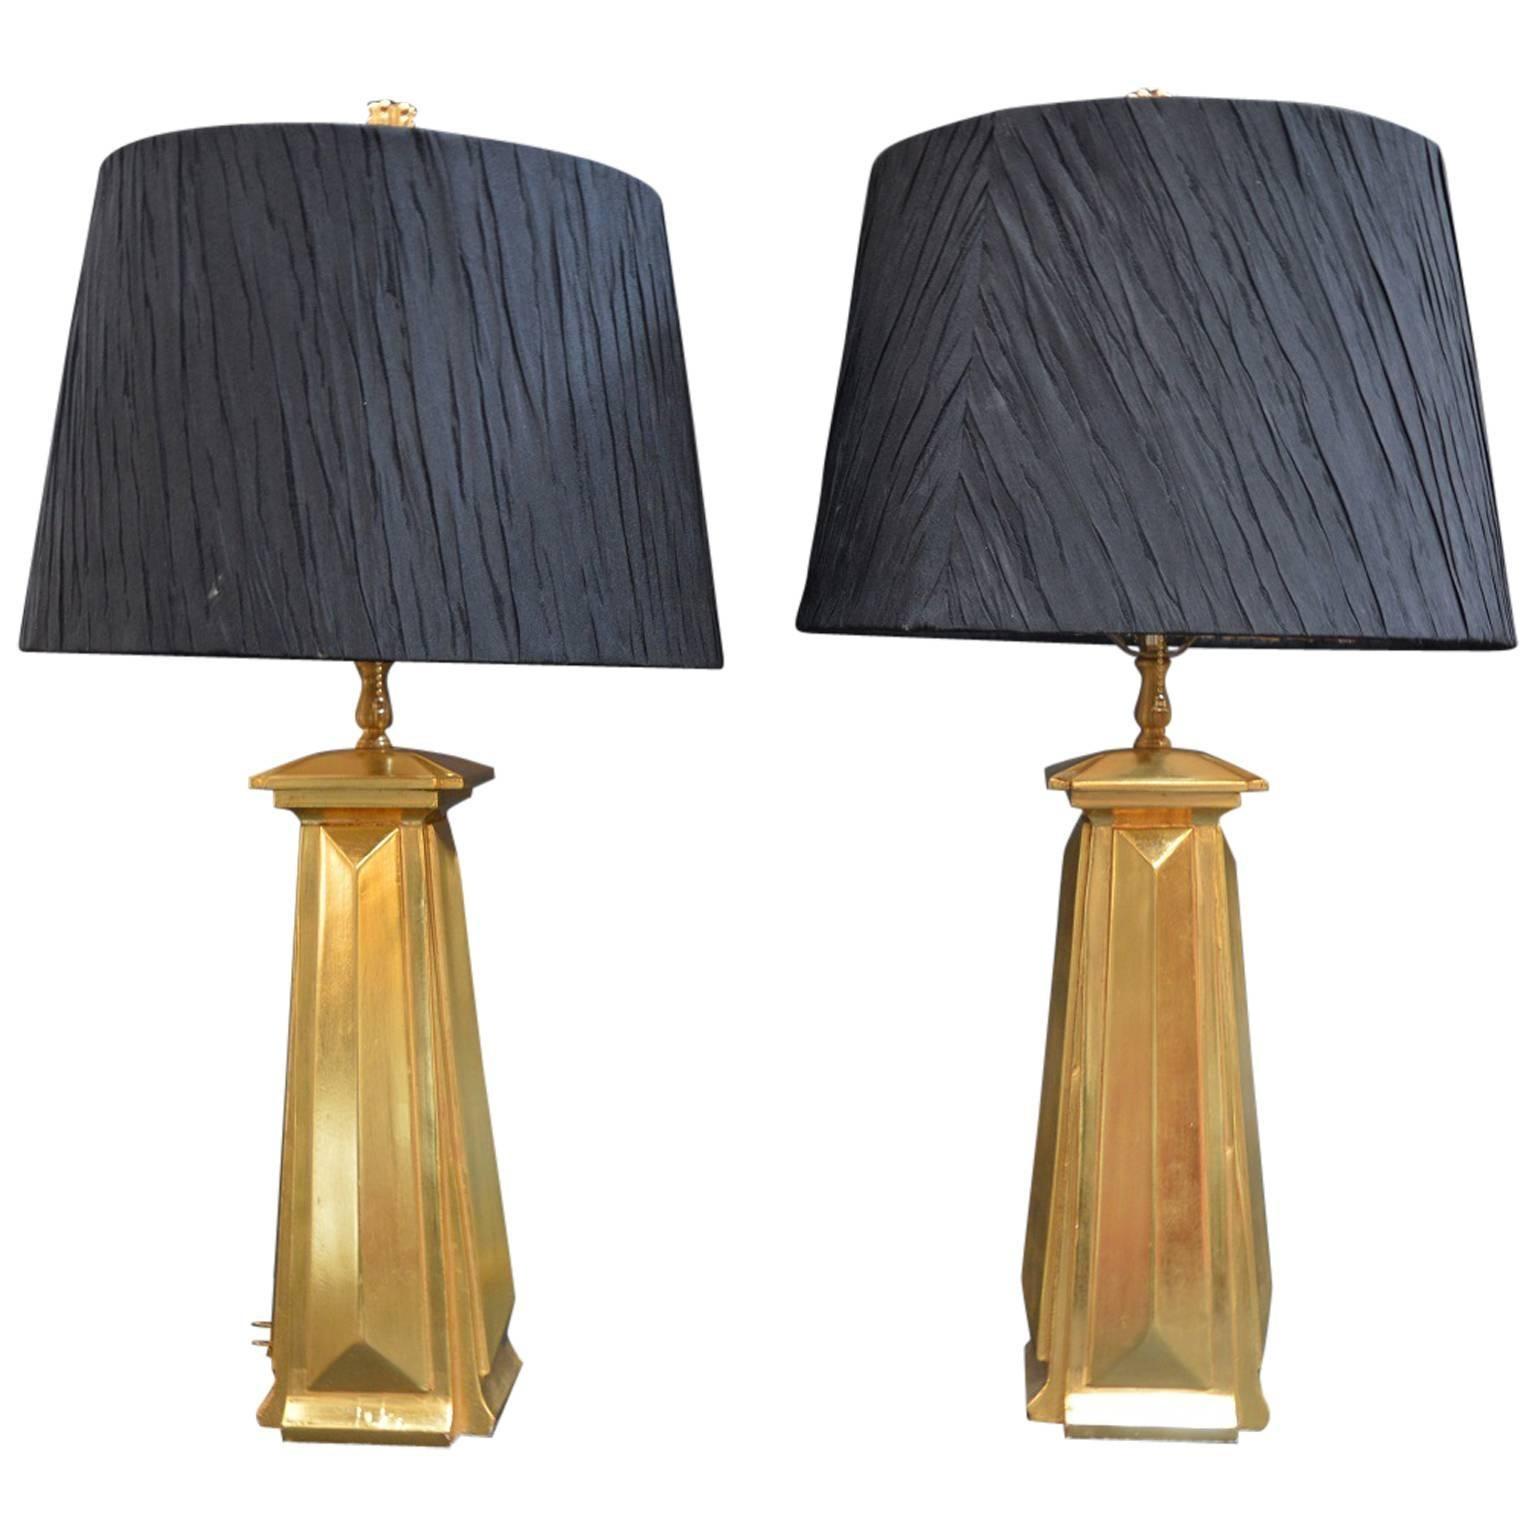 Pair of Bryan Cox Table Lamps